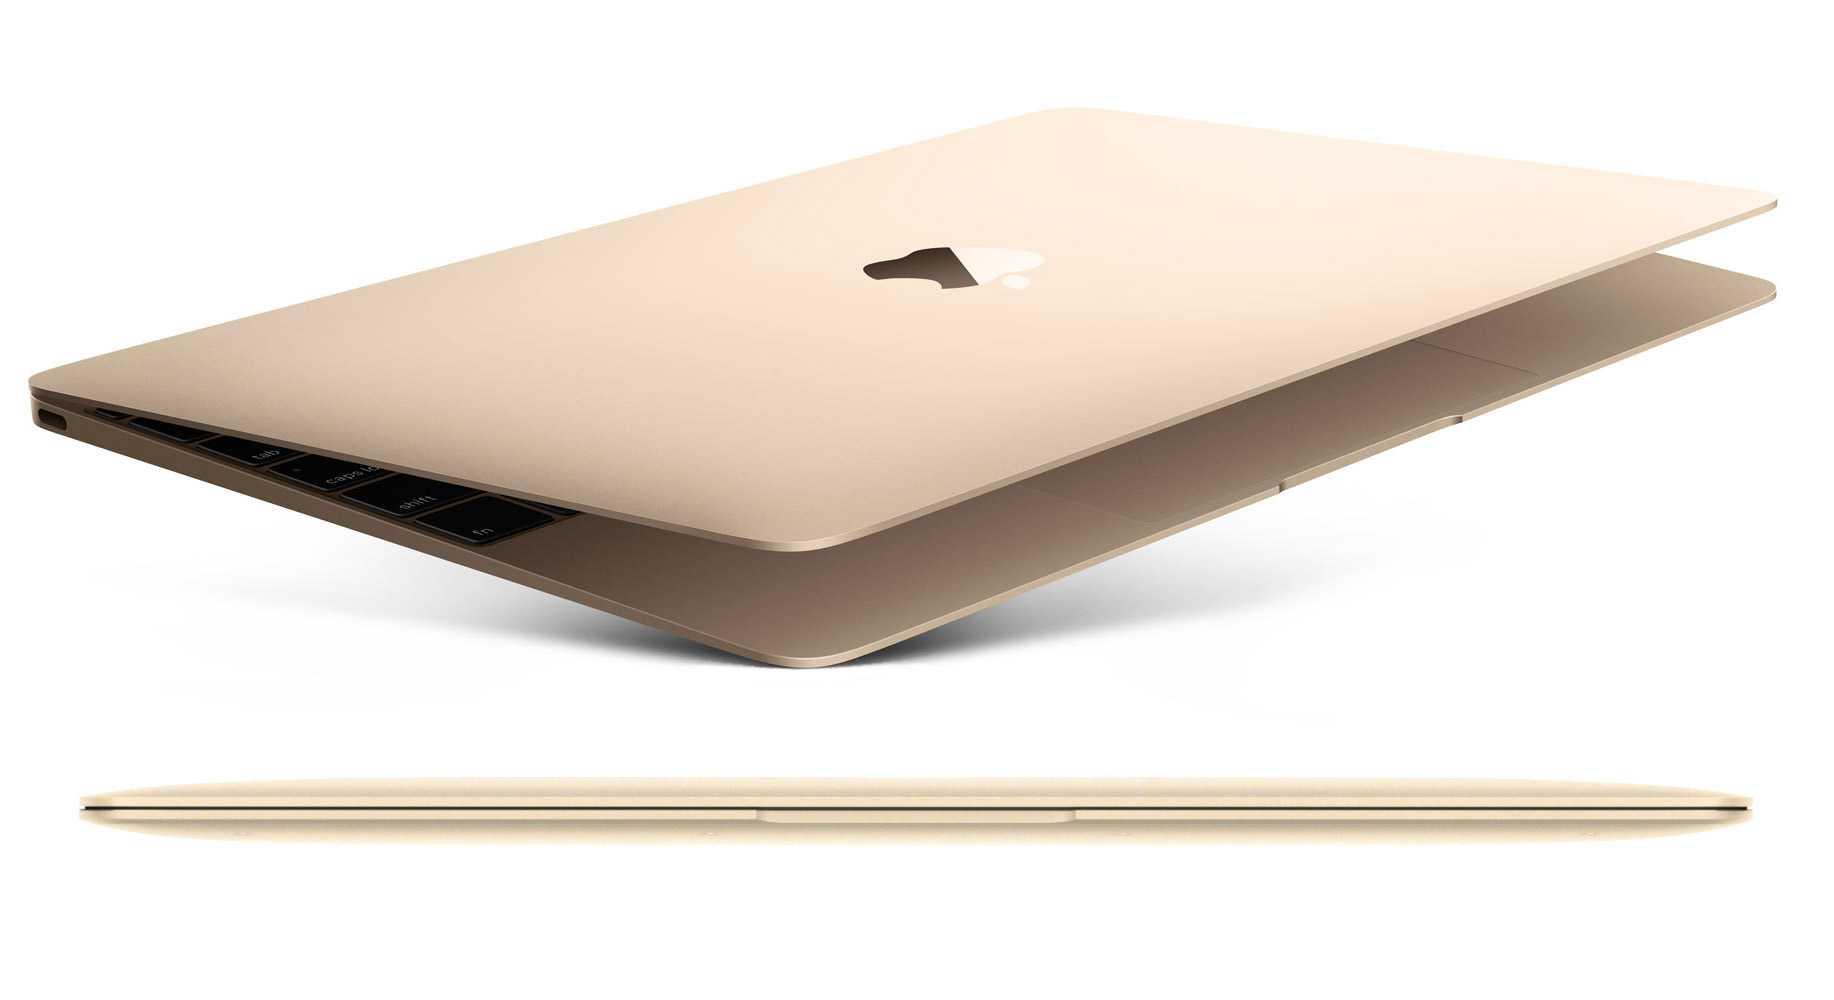 أفضل 5 بدائل لجهاز ماك بوك الجديد - صدى التقنية